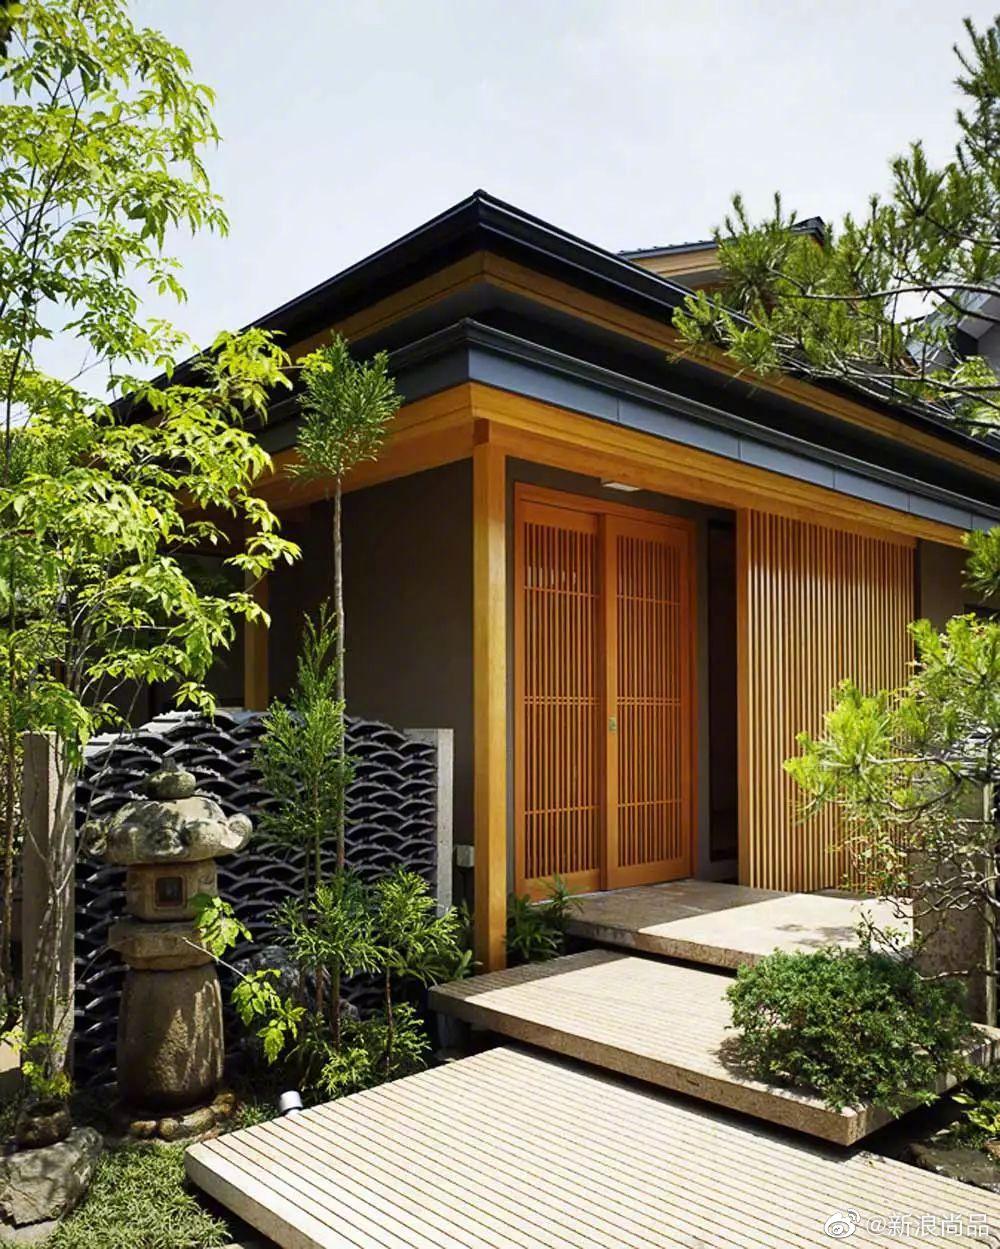 以禅宗园艺为主题的花园设计,亭、台、楼、阁,还原生活境意